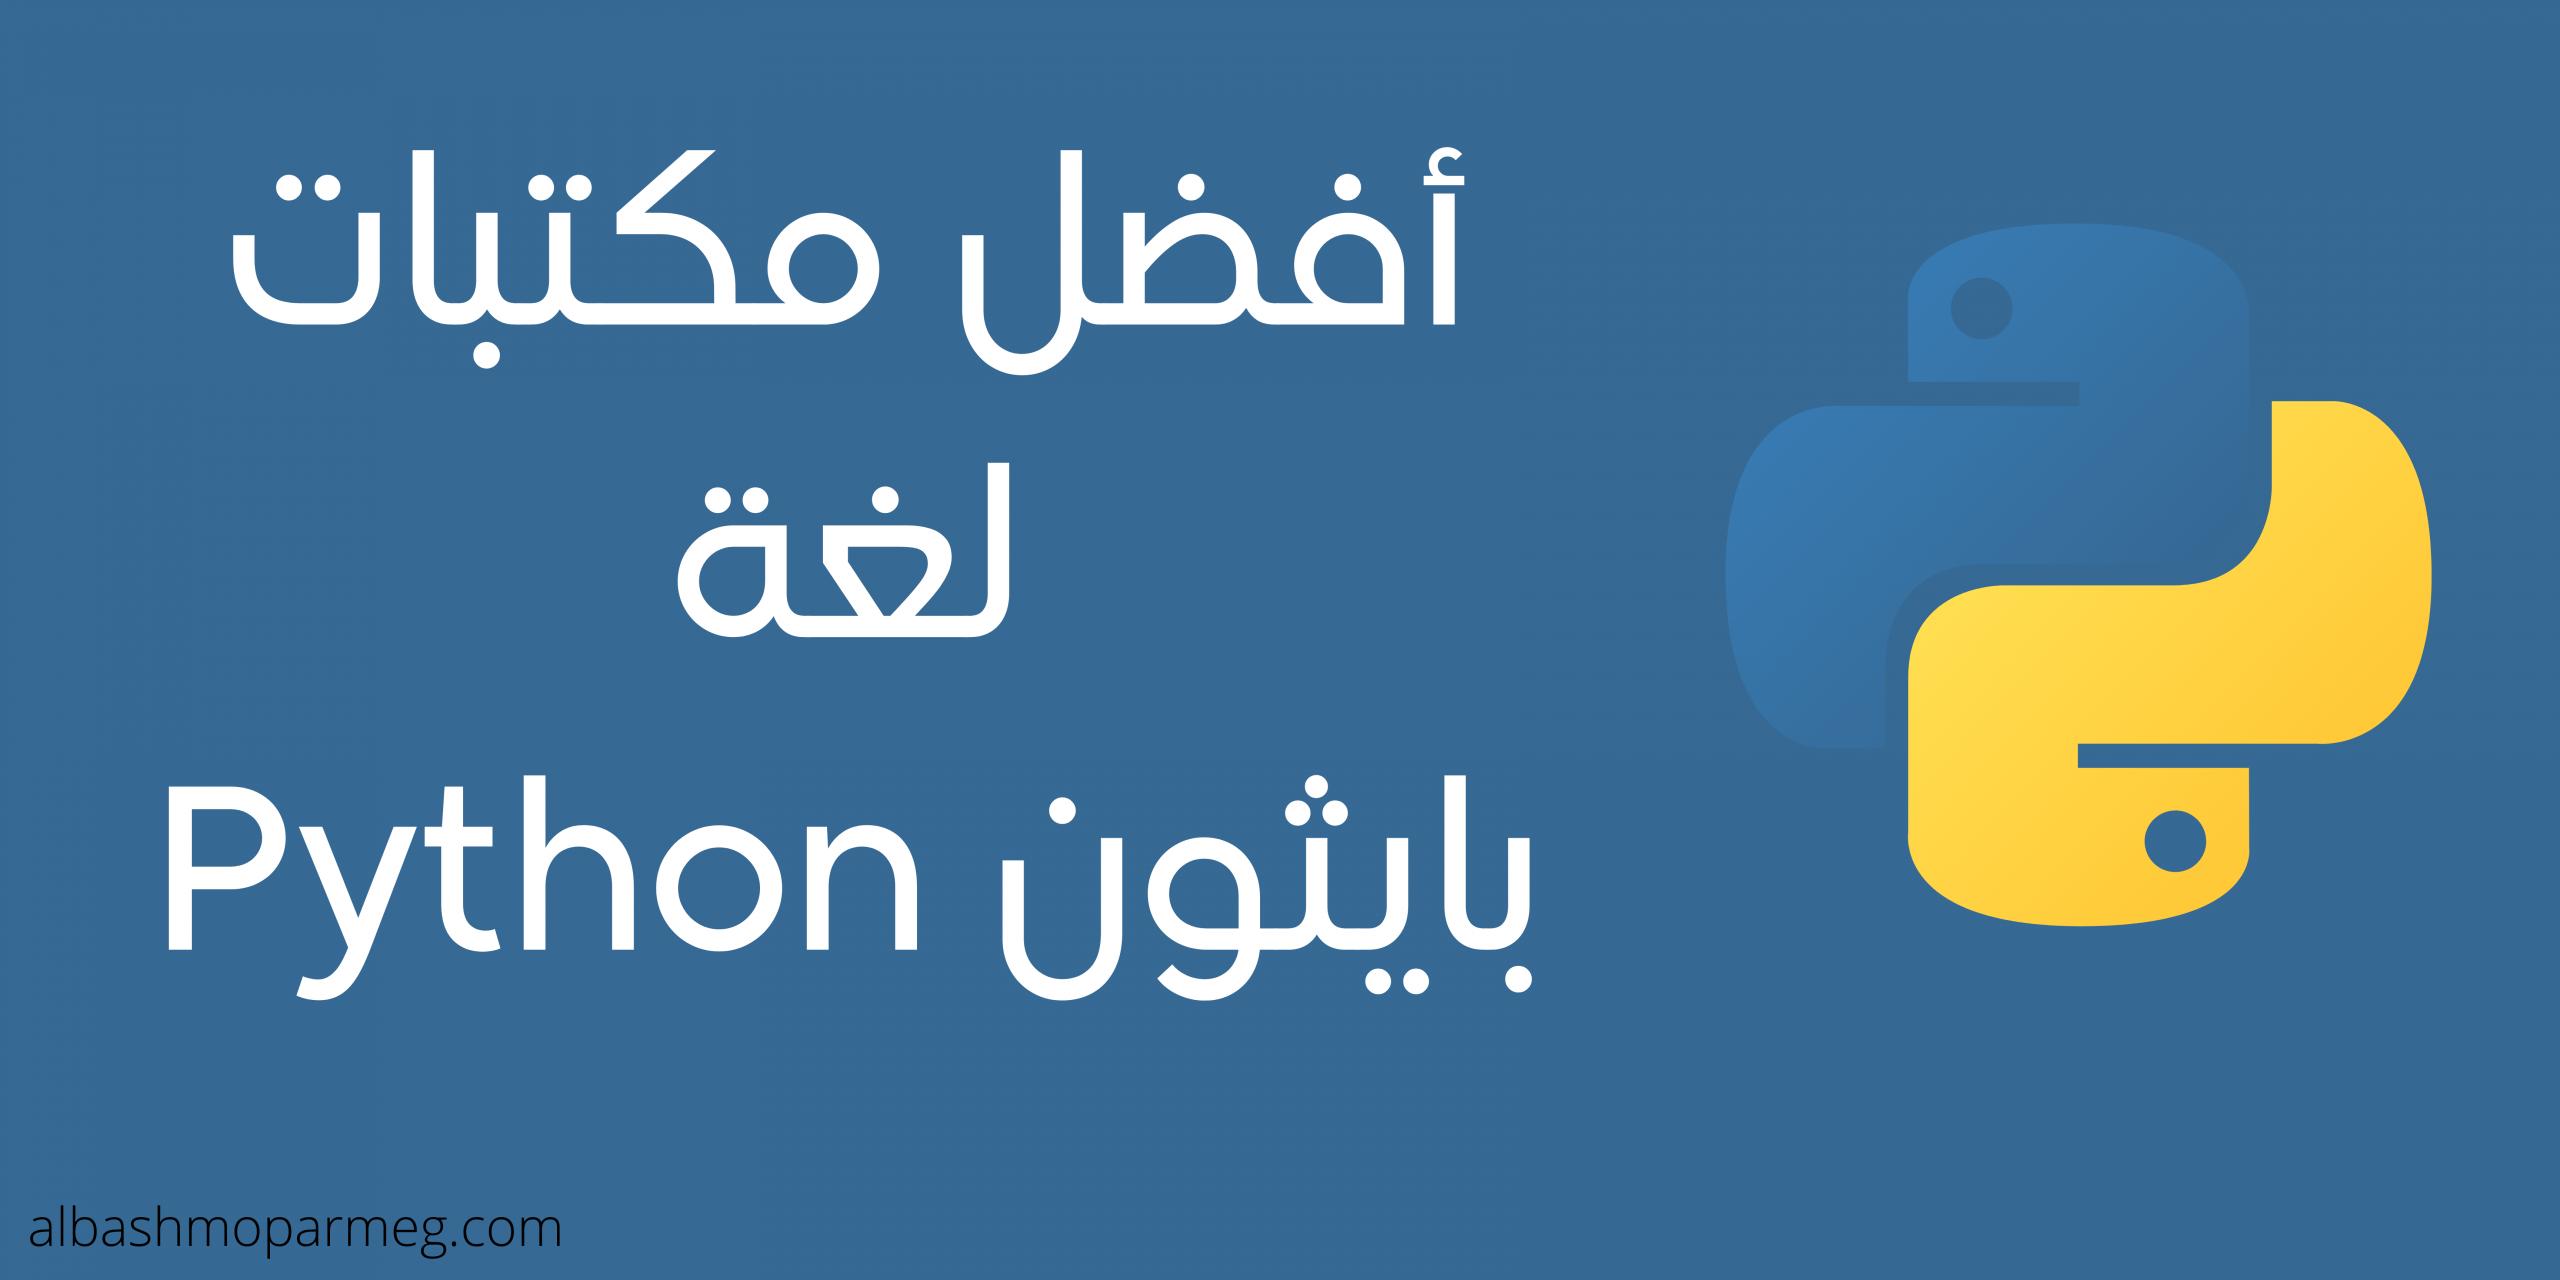 أفضل مكتبات لغة بايثون Python - الباشمبرمج